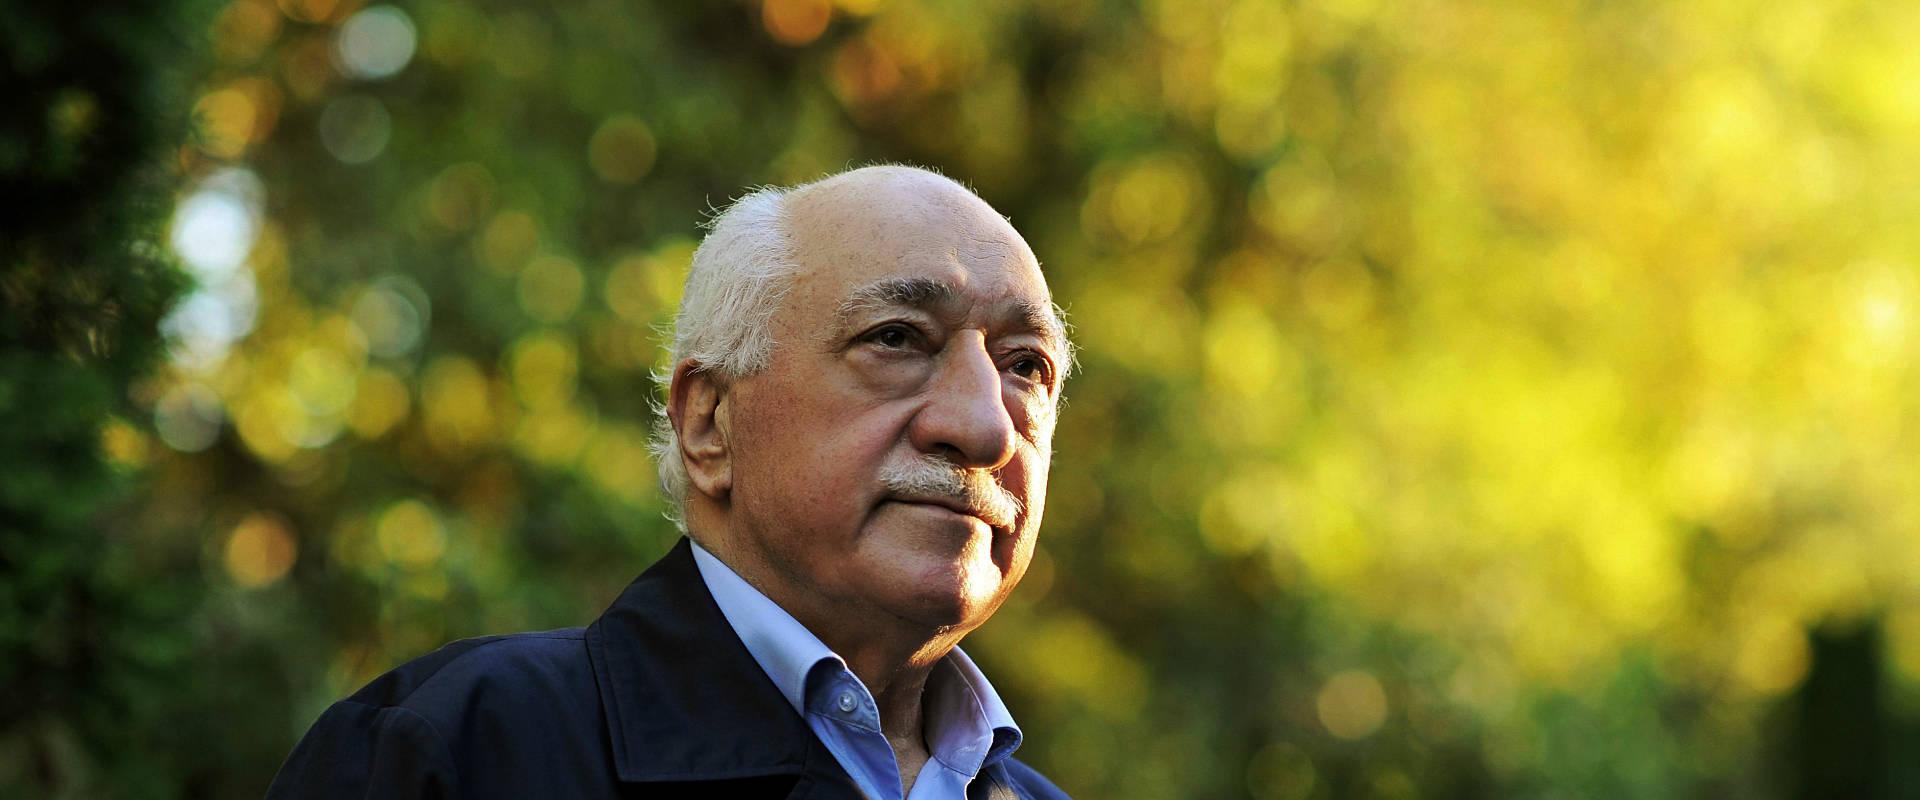 מנהיג האופוזיציה הטורקי הגולה, פתהוללה גולן